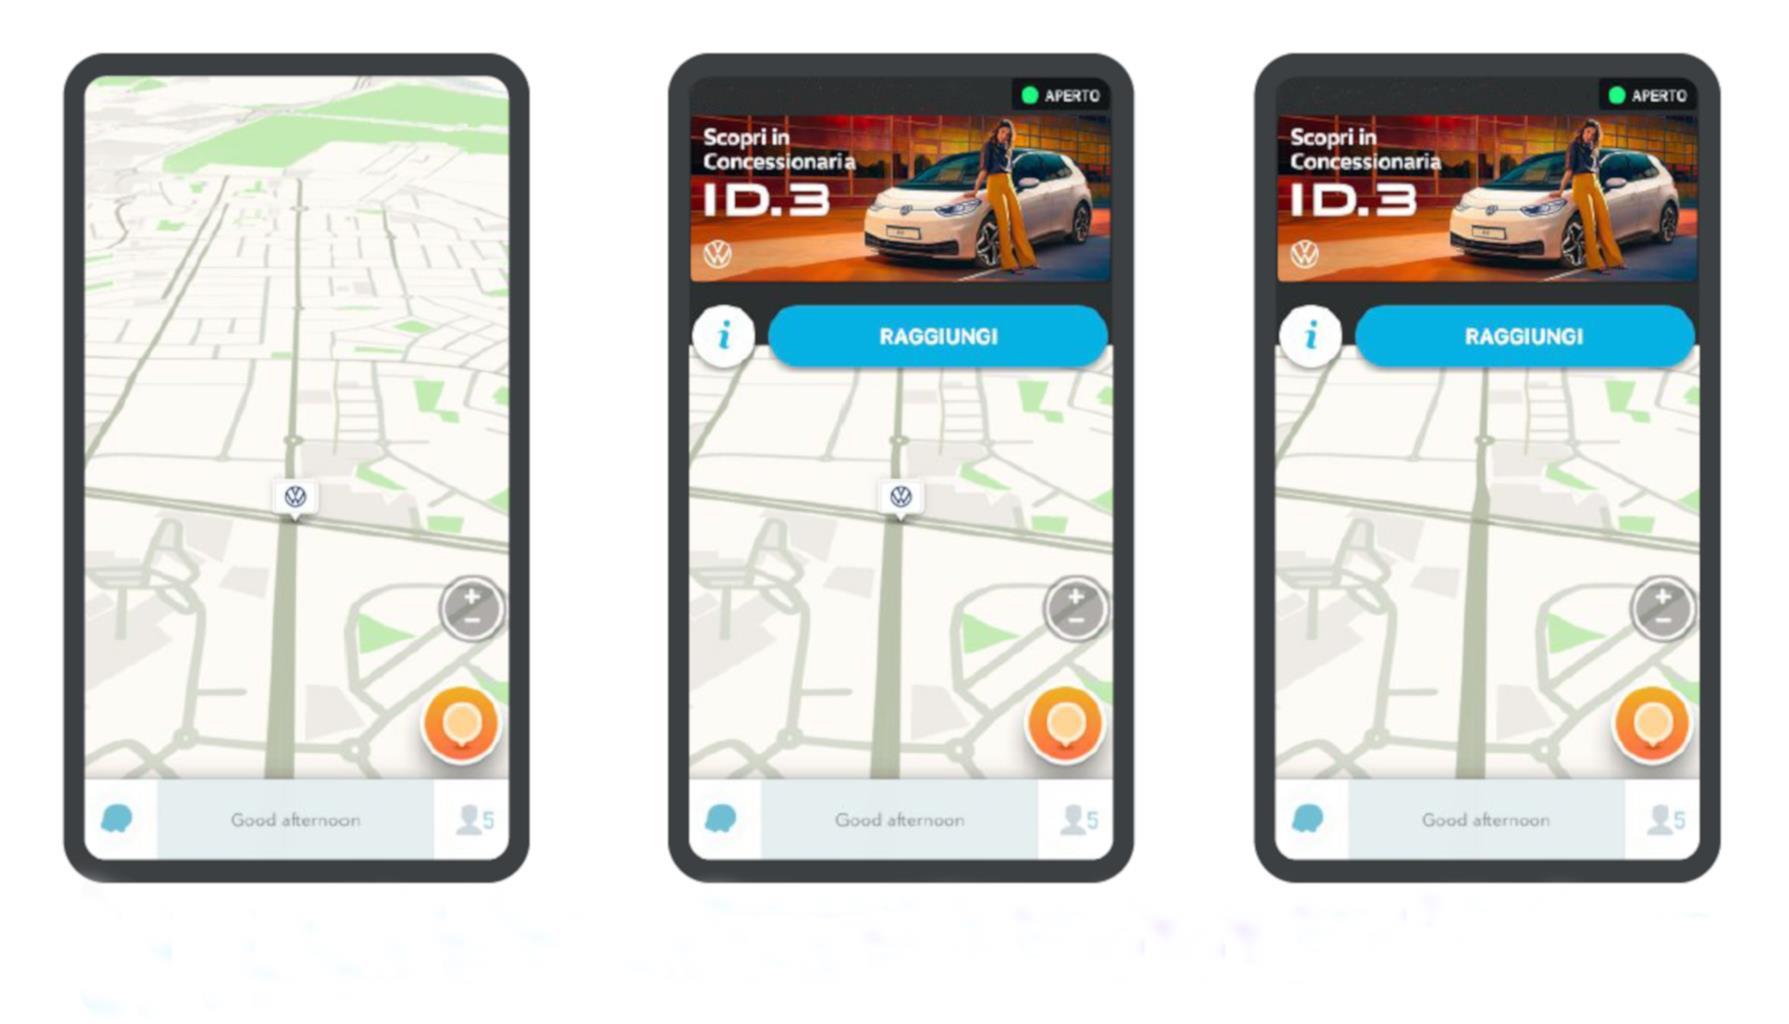 Il messaggio dedicato alla Volkswagen ID.3 su Waze (10/2020)